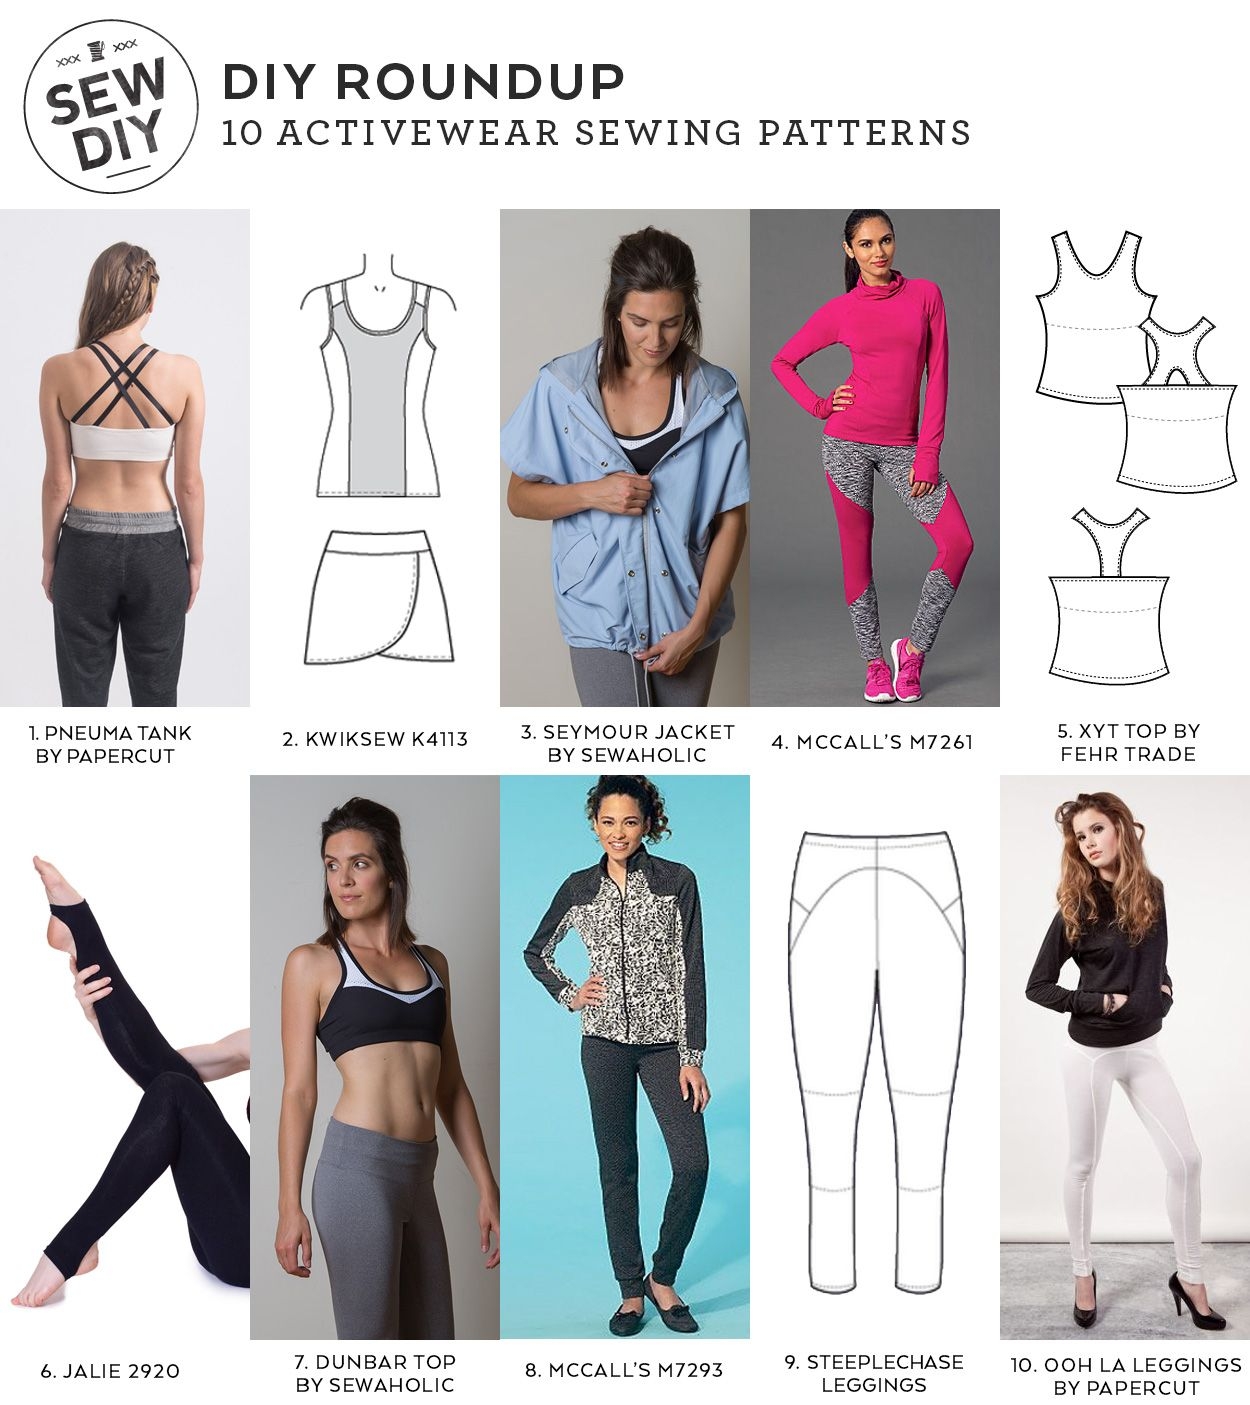 10 Activewear Sewing Patterns – DIY Roundup